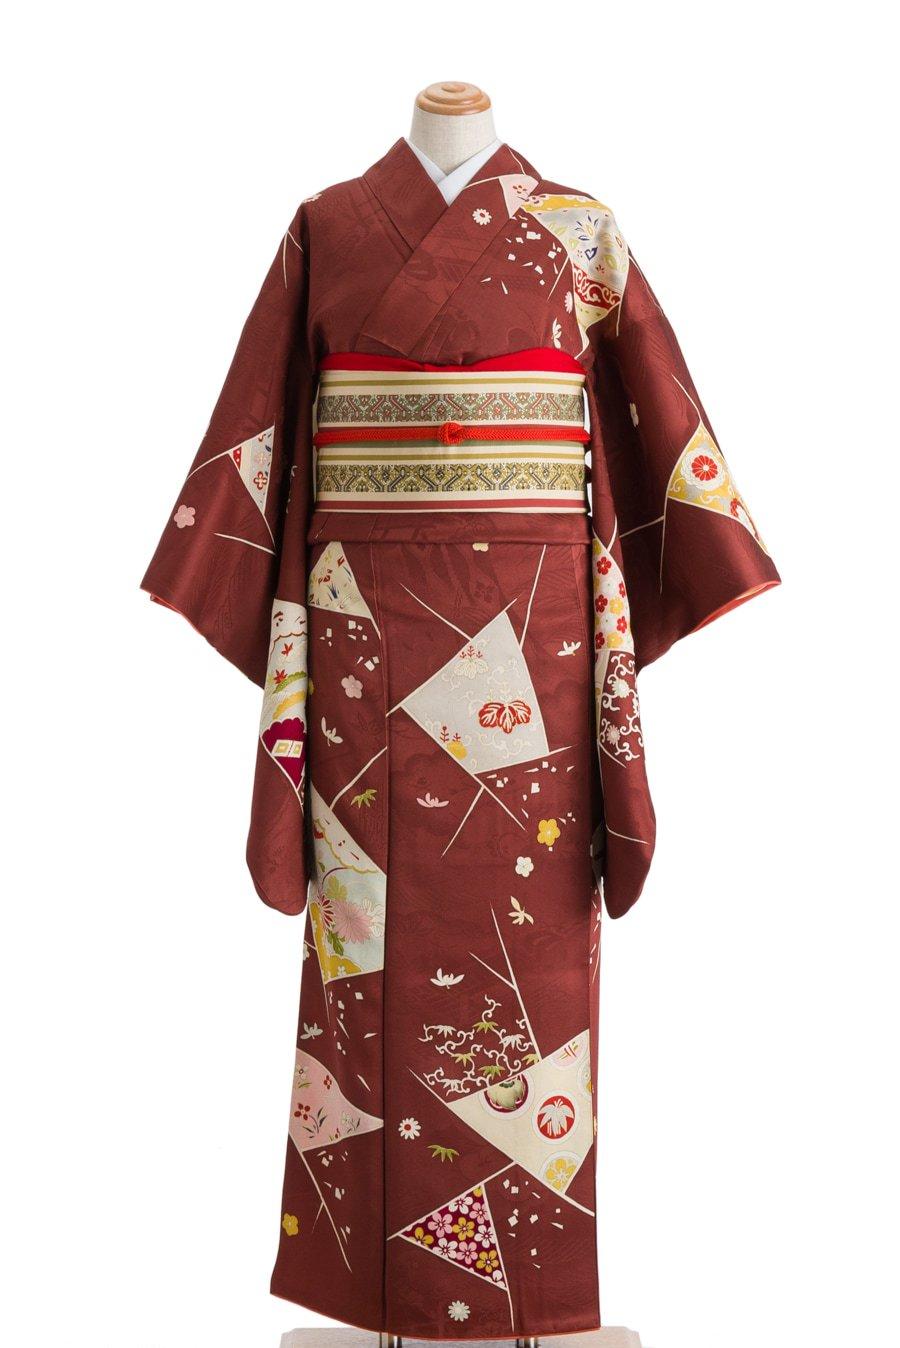 「アンティーク 裾模様 丸紋や小花など」の商品画像